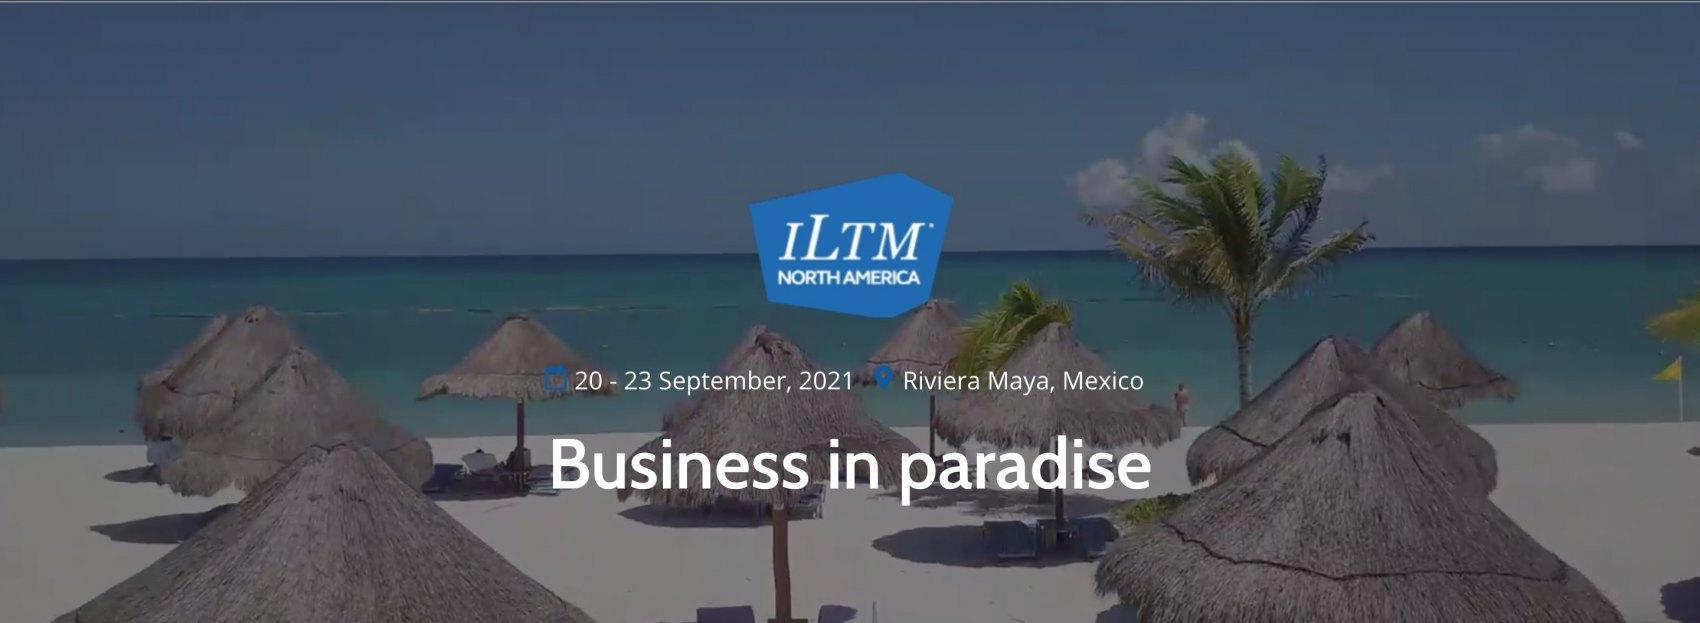 ILTM North America Conference